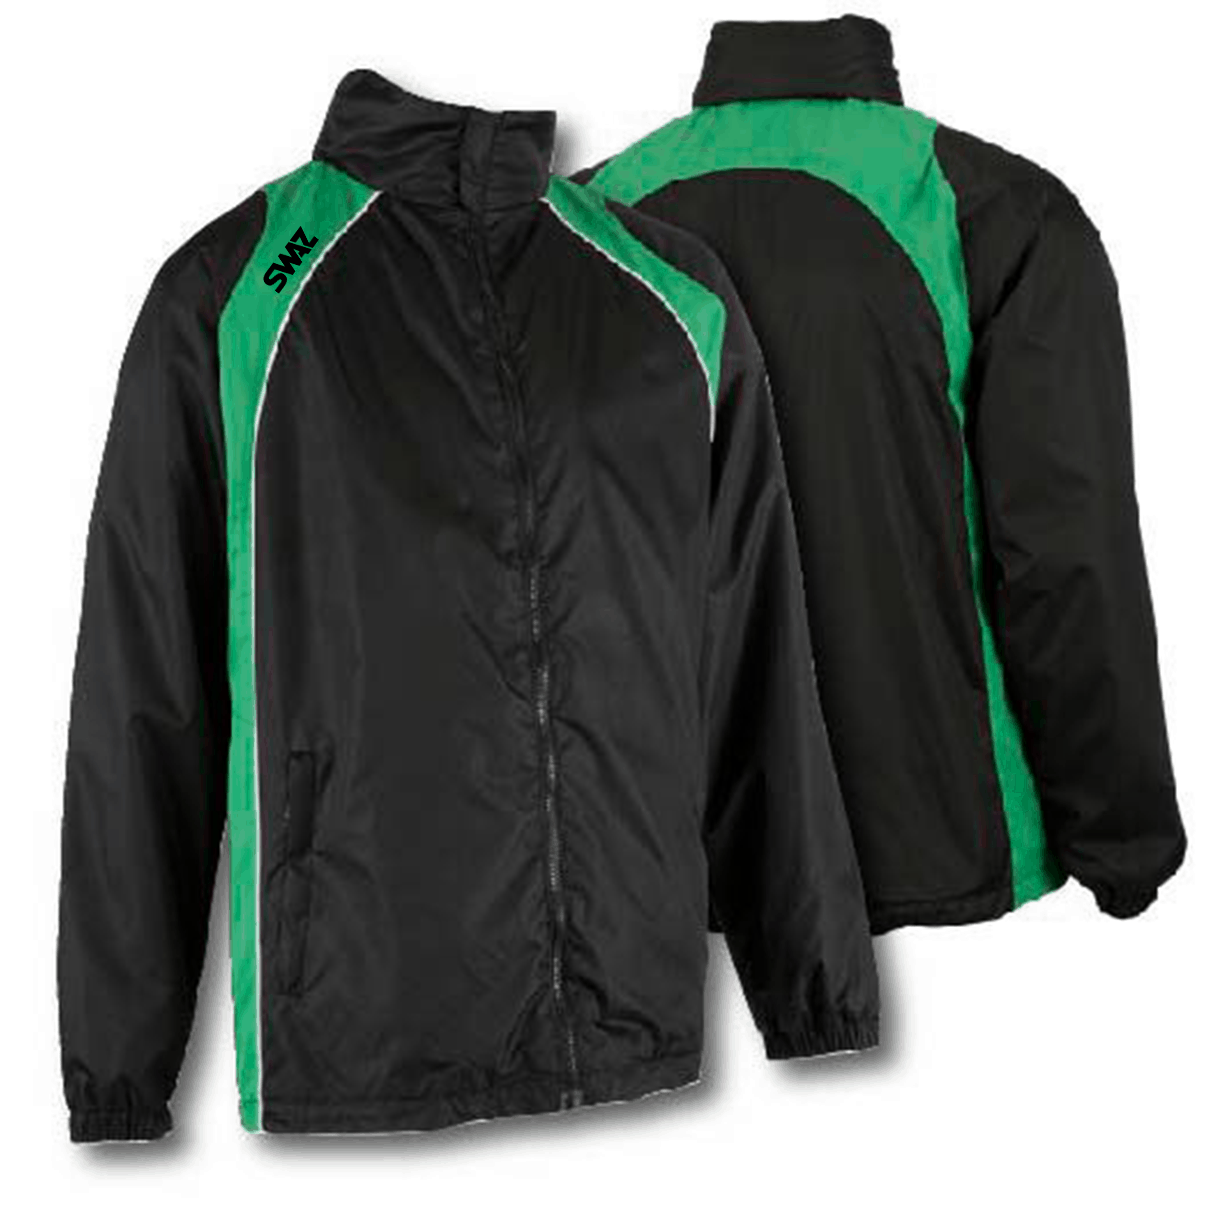 Showerproof Youth Jacket   SWAZ Teamwear